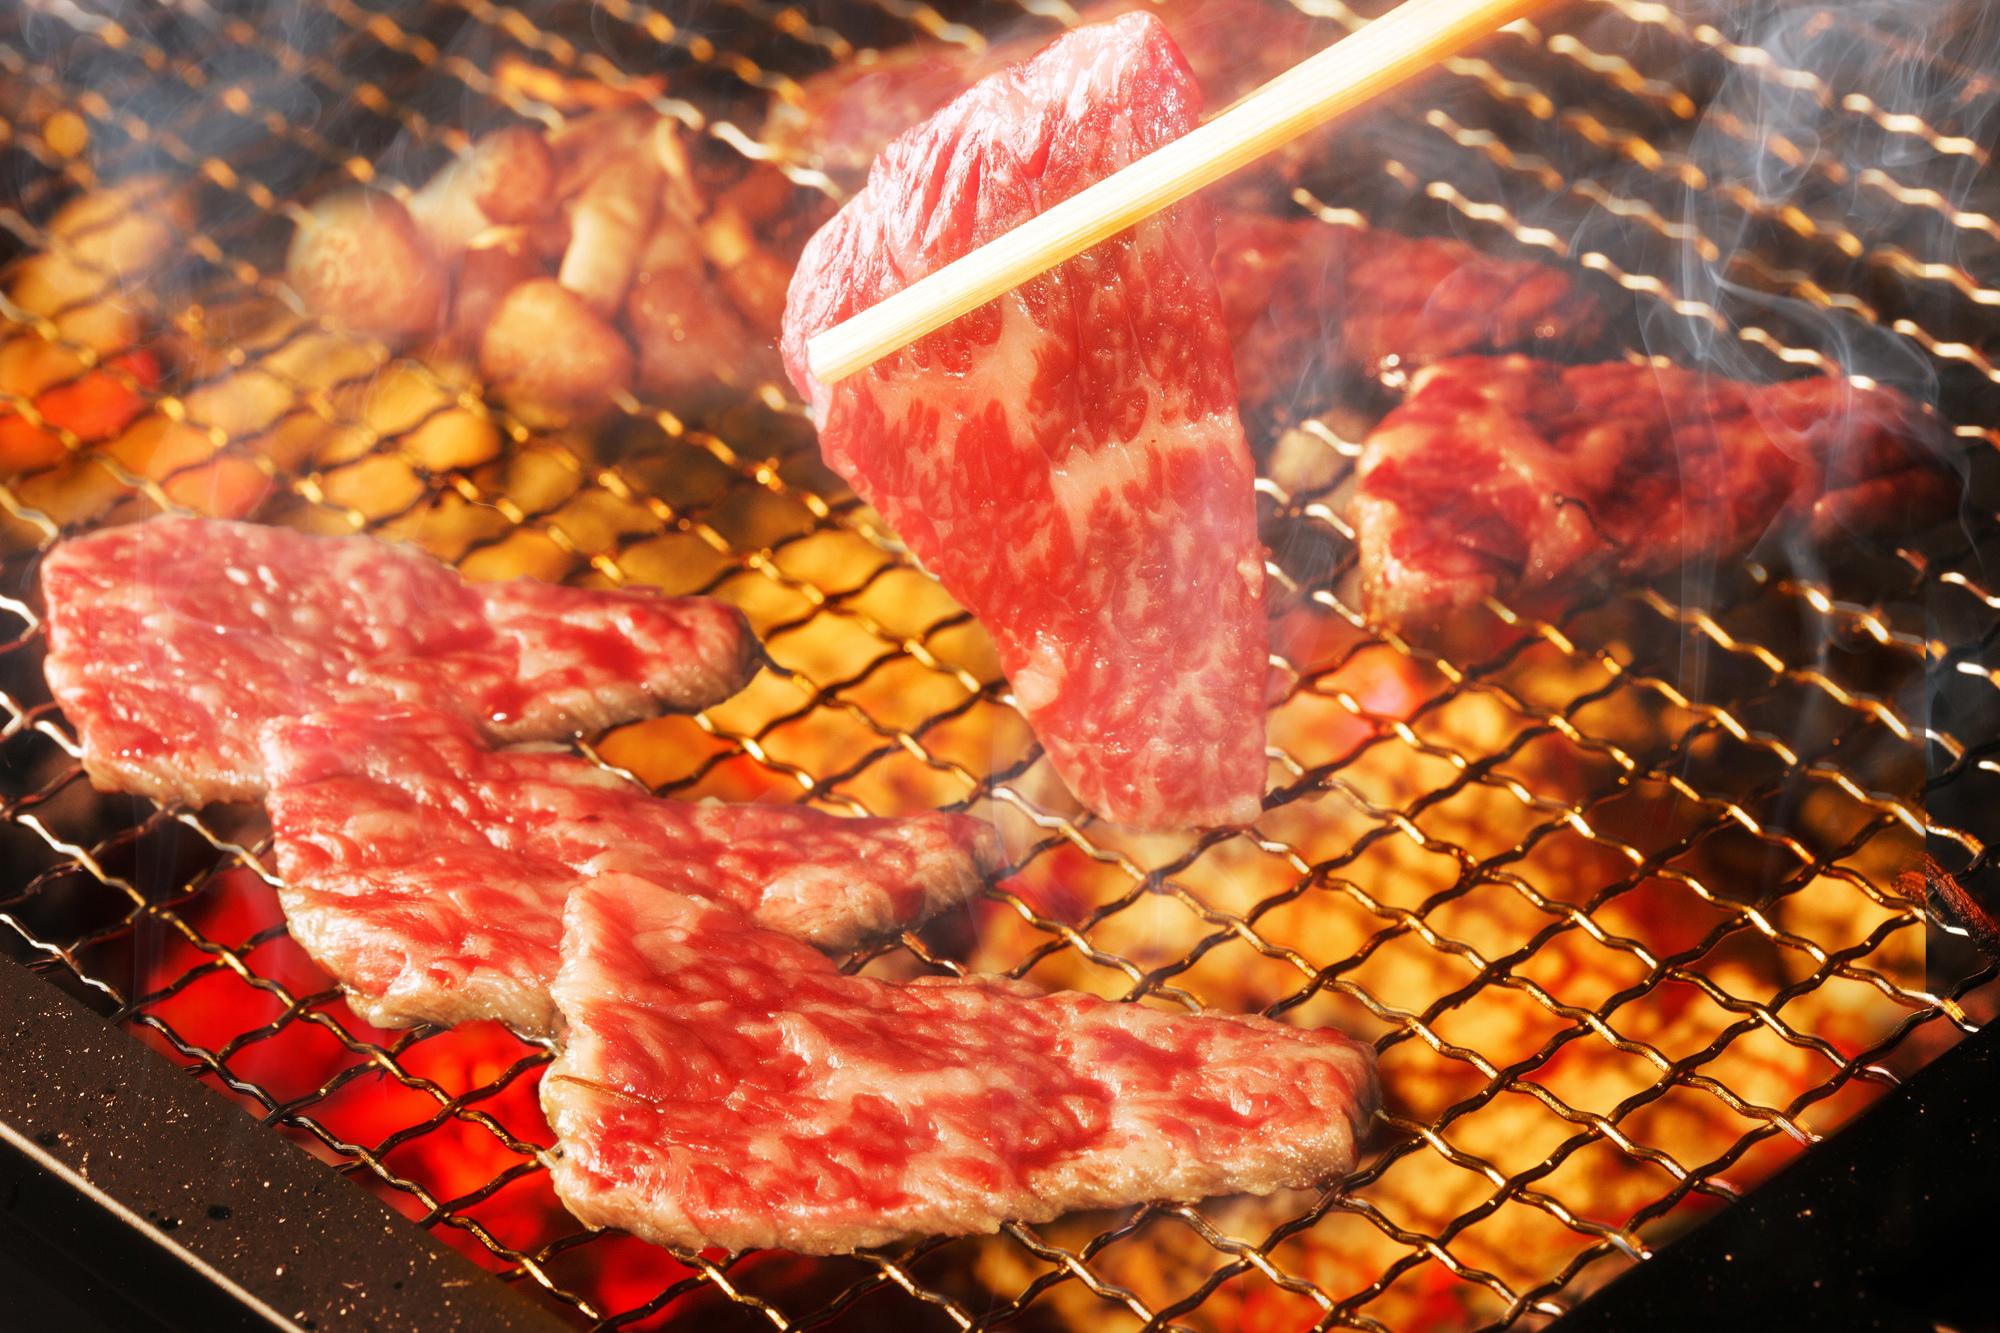 【焼肉屋居抜き物件特集】焼肉は増税後も好調な業態!